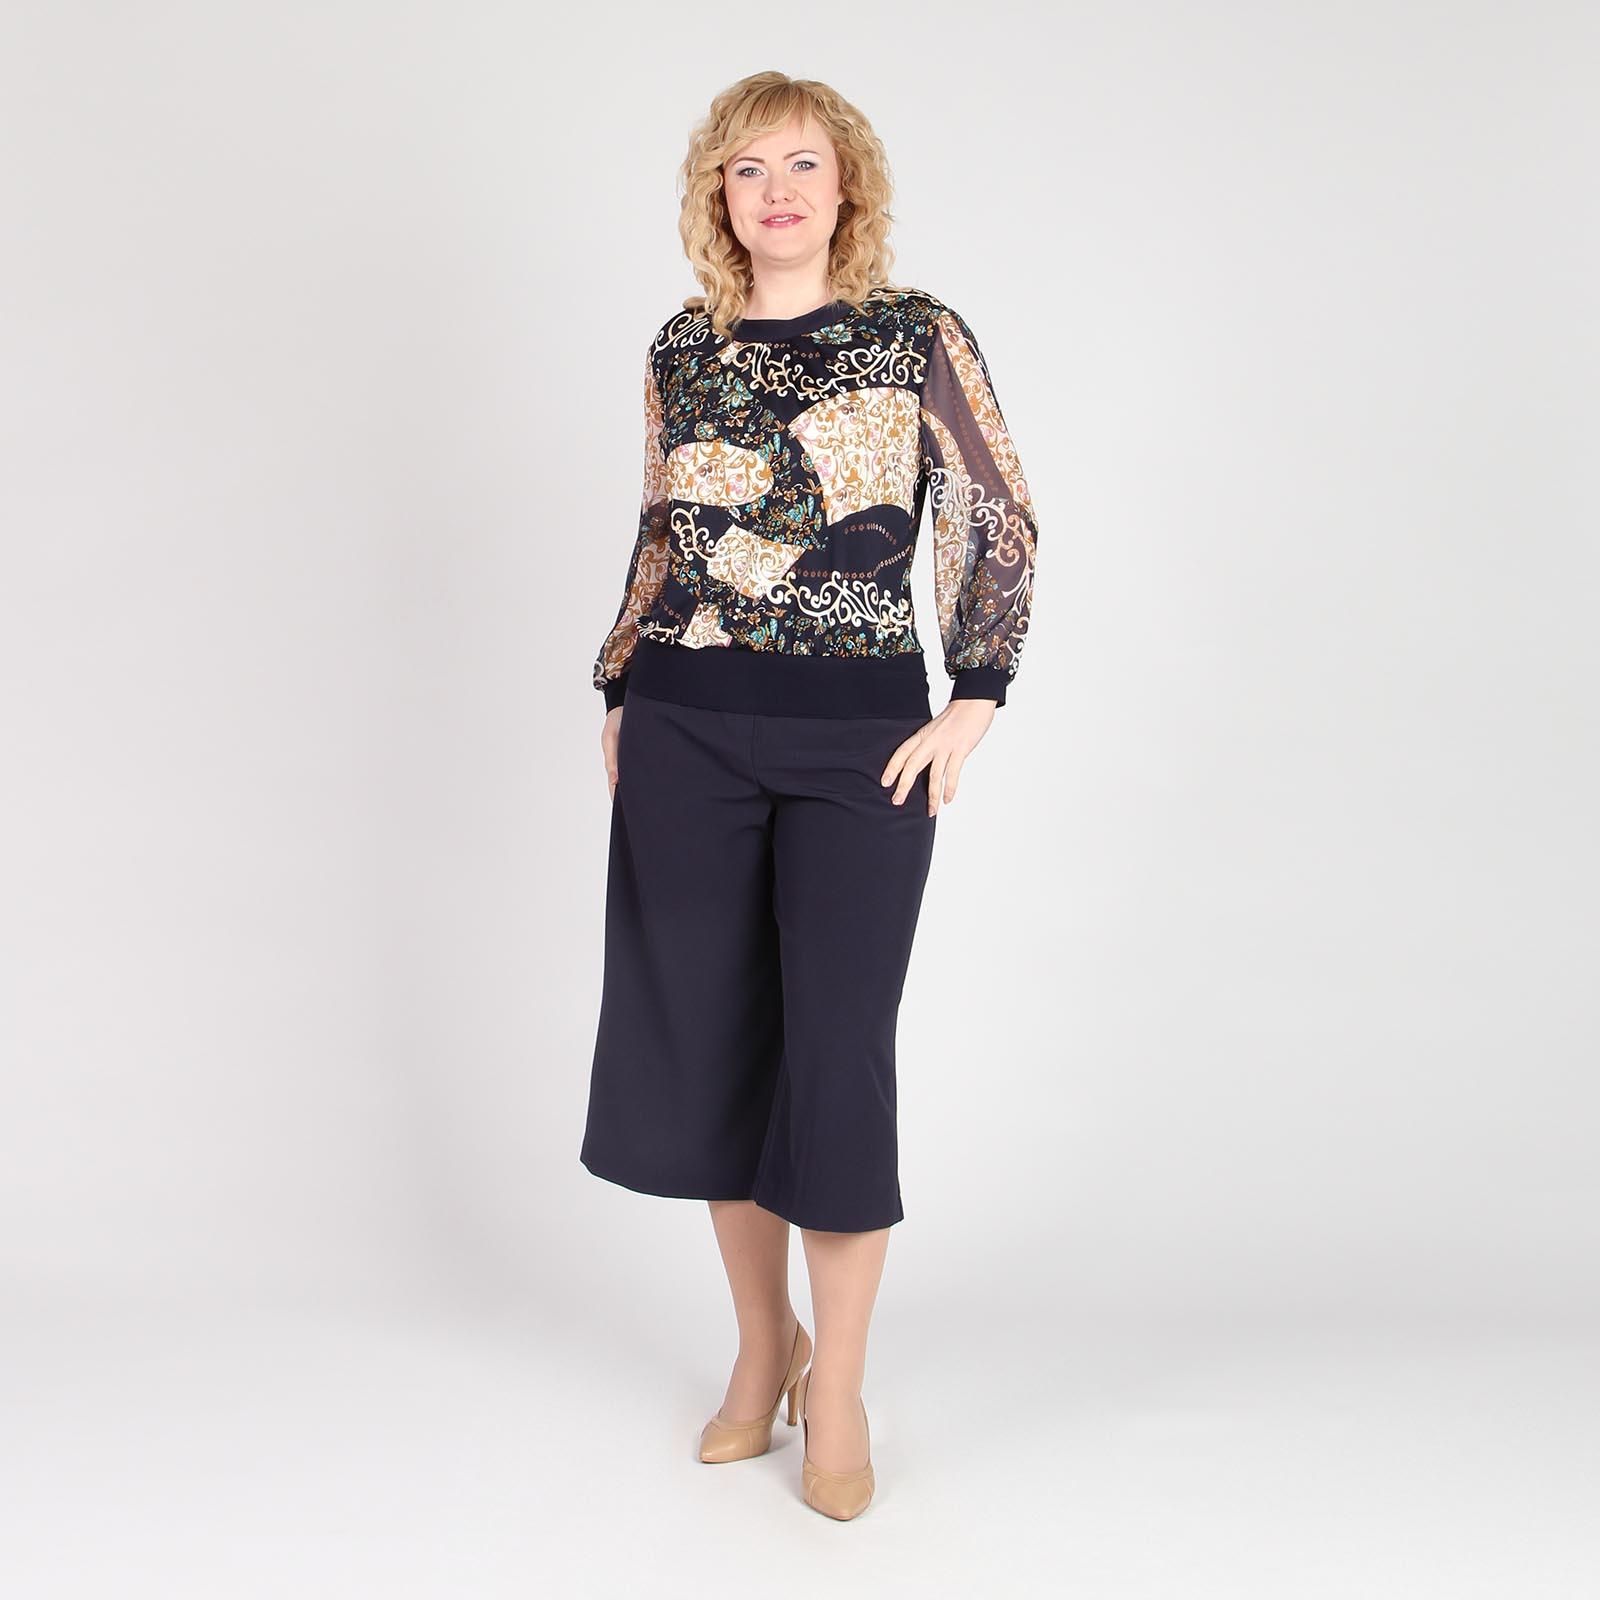 Блуза с шифоновыми рукавами и узорным принтом